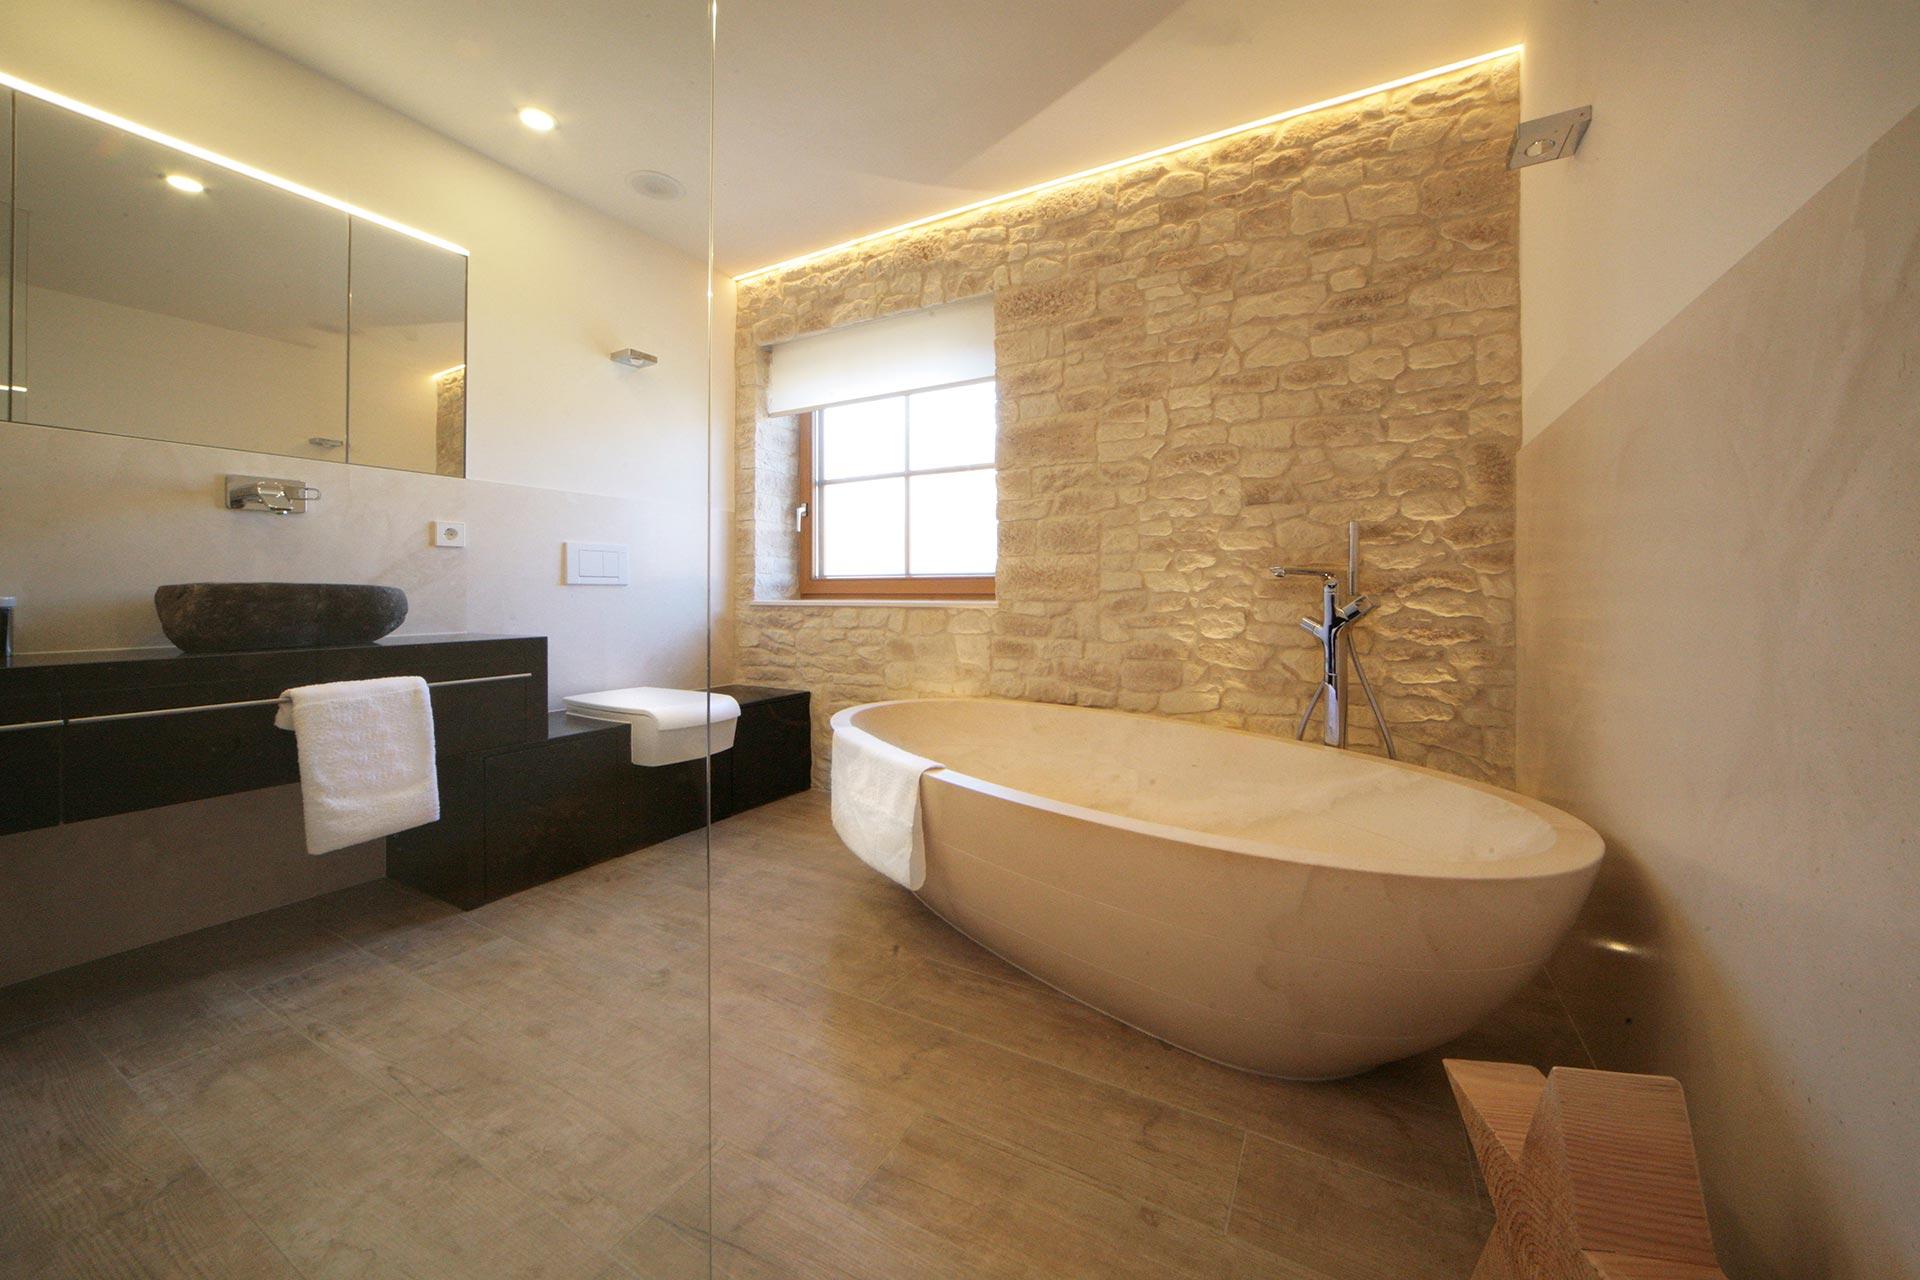 actica gmbh actica planen einrichten badezimmer und einbaum bel. Black Bedroom Furniture Sets. Home Design Ideas